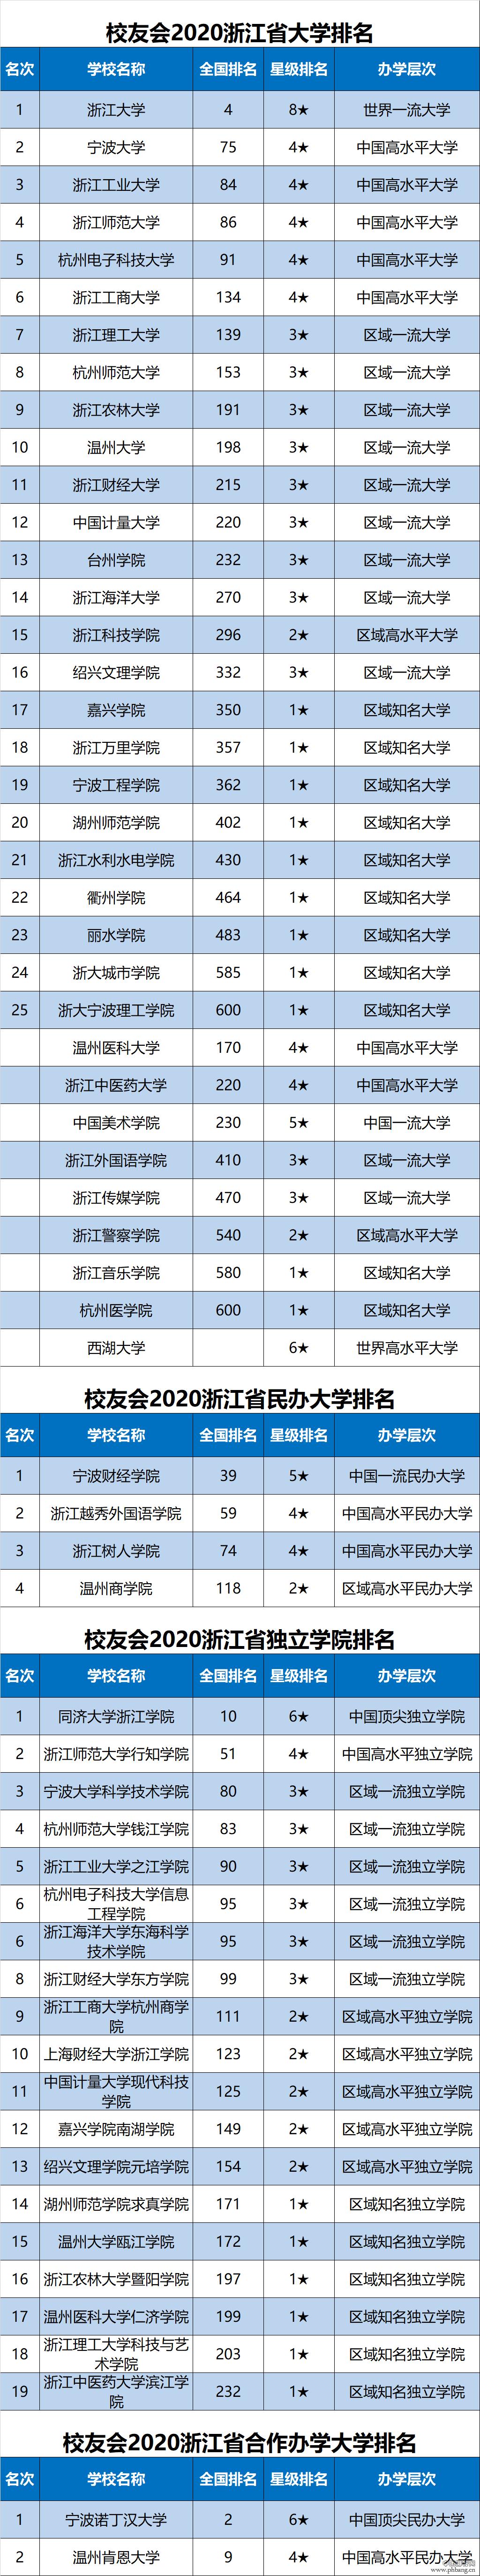 浙大第1,台州学院跻身全国300强!2020浙江省大学排行榜新鲜出炉